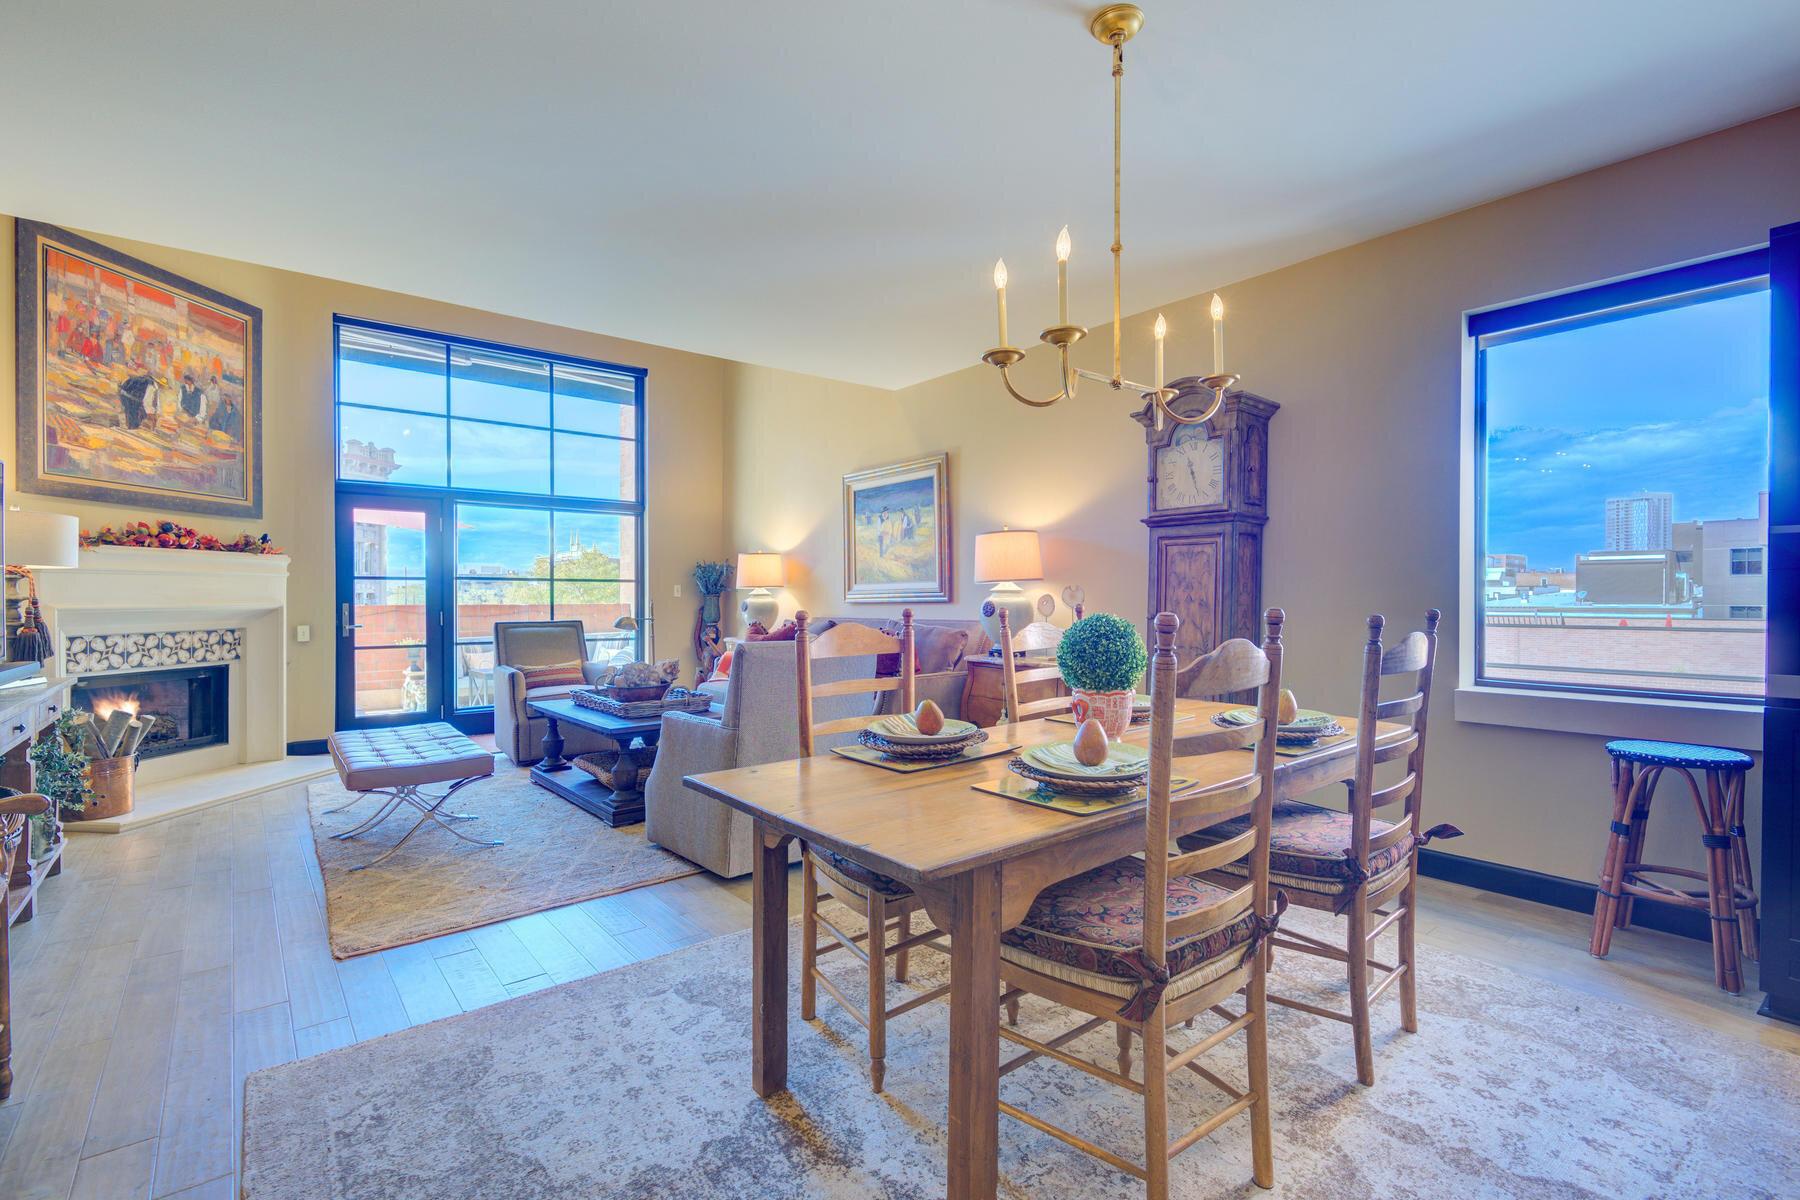 1512 Larimer Street-007-013-Dining Room-MLS_Size.jpg